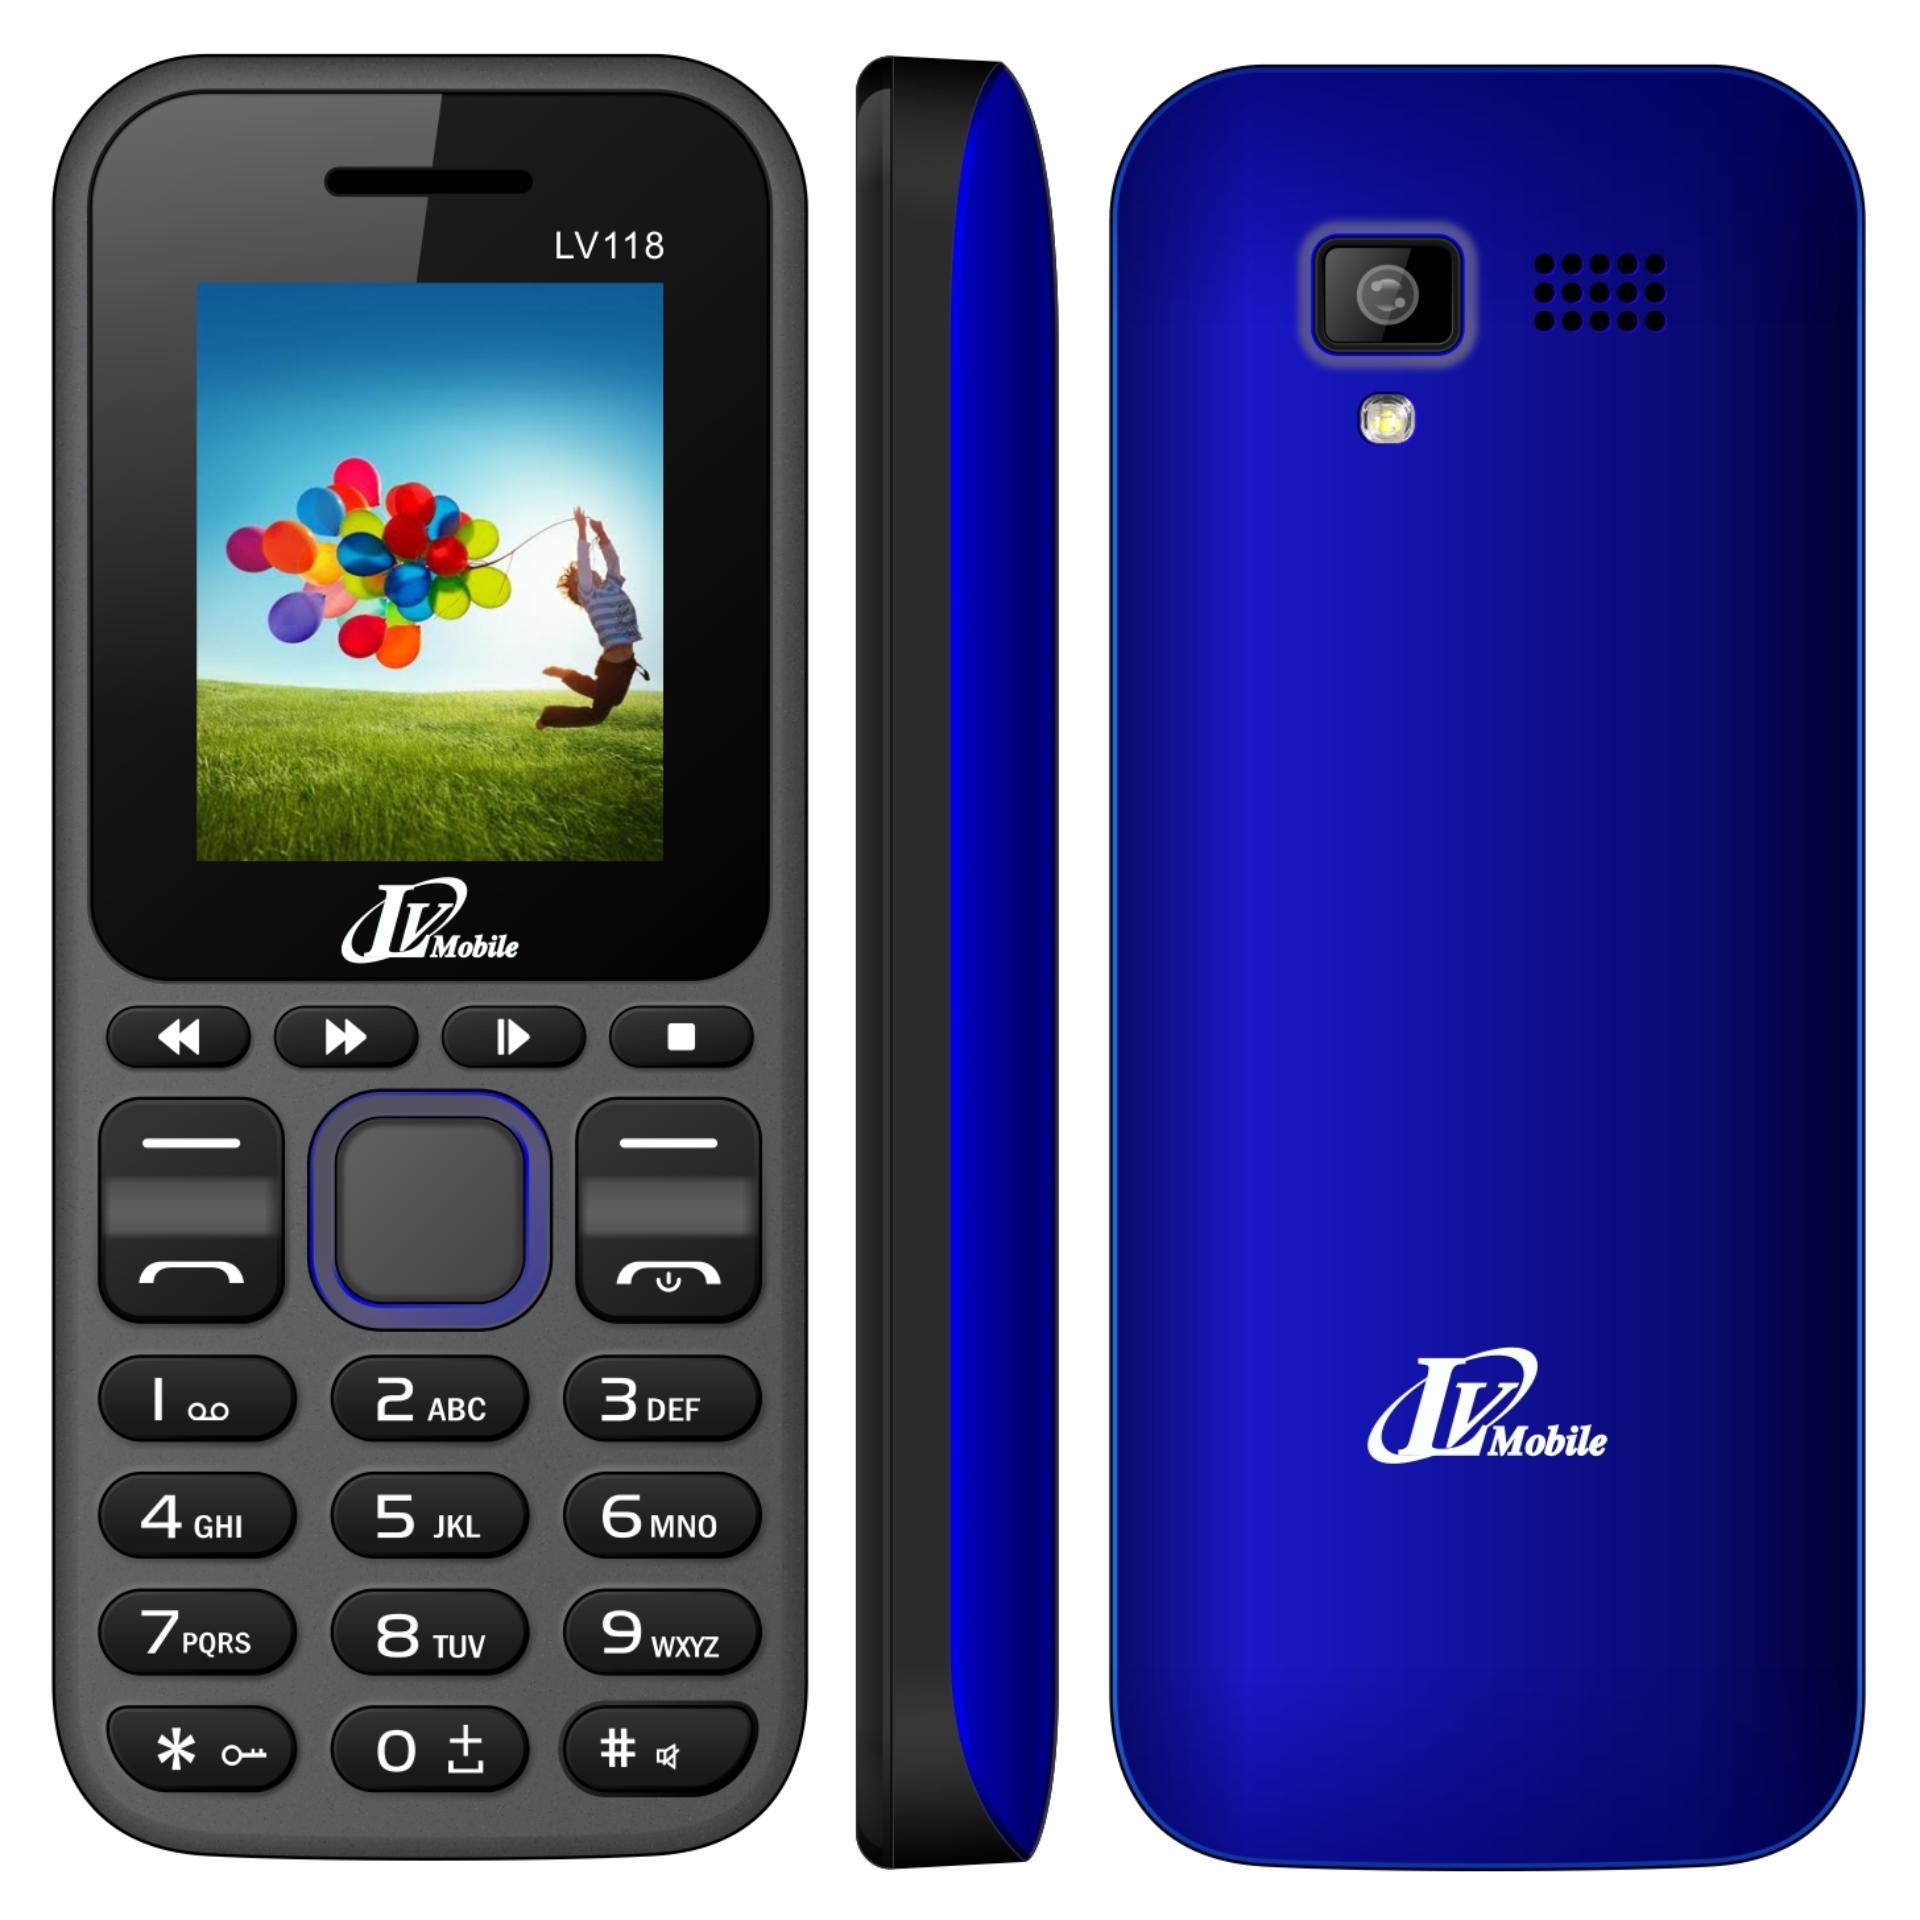 Trang bán Điện thoại LV118 2sim ( Xanh)- Hàng nhập khẩu